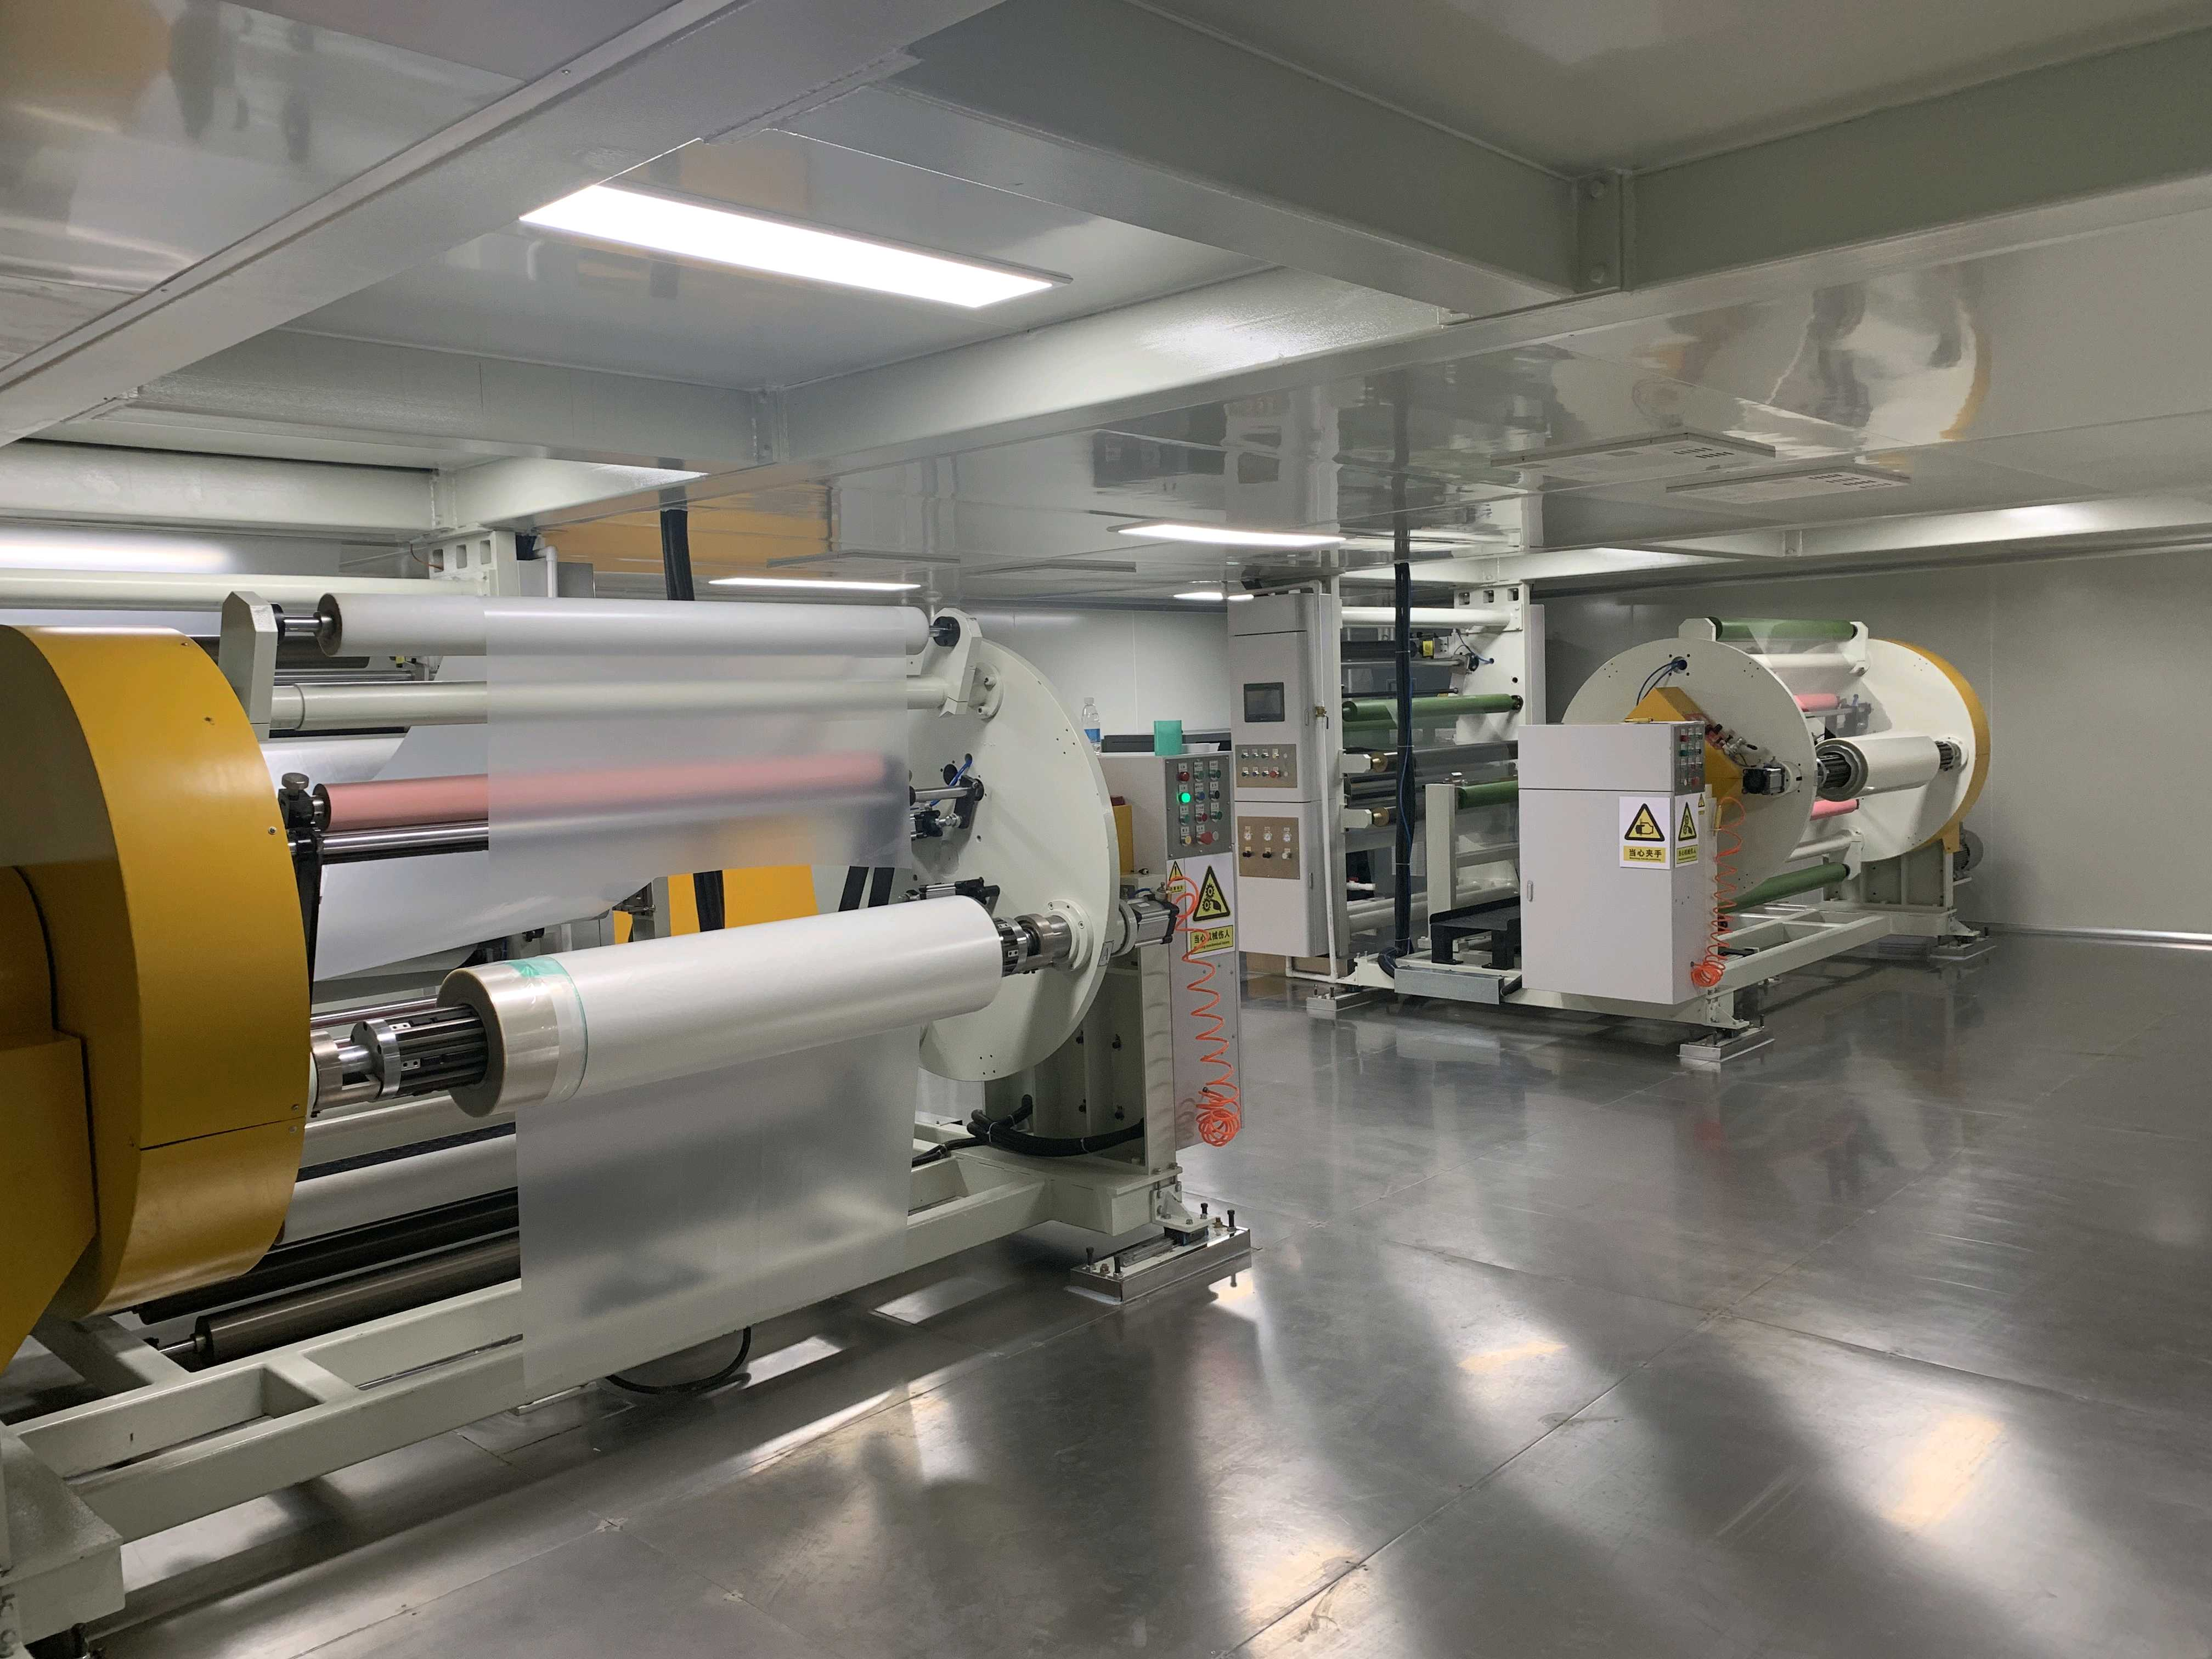 工厂直销、品质稳定、价格合理。十二条涂布线。